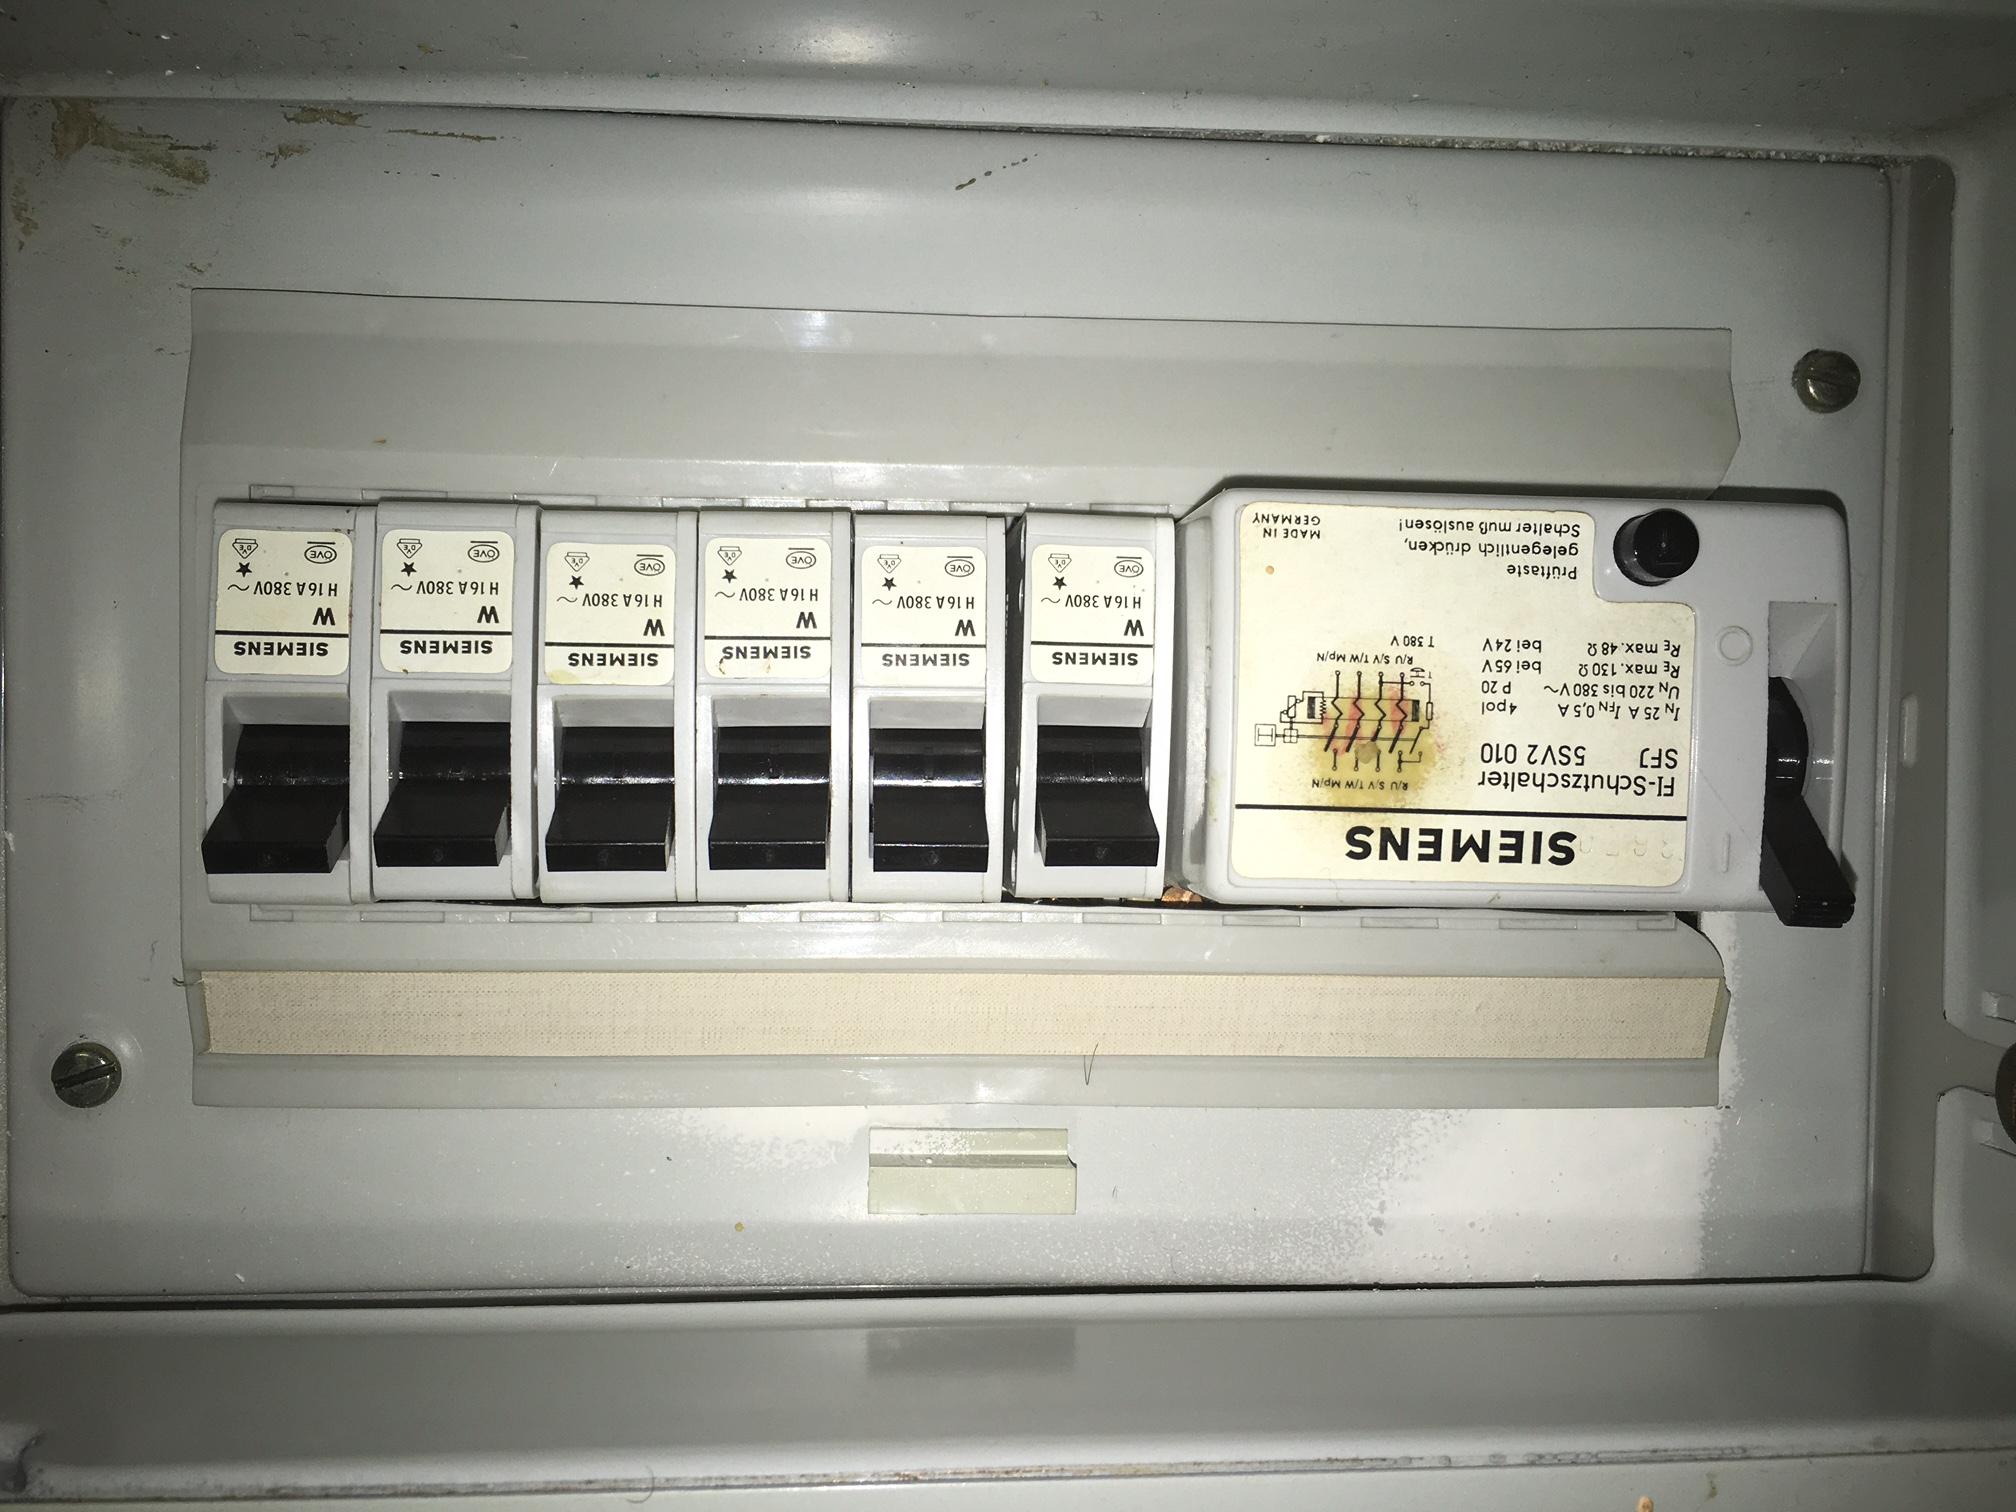 Kühlschrank Sicherung : Kühlschrank kühlt nicht mehr richtig